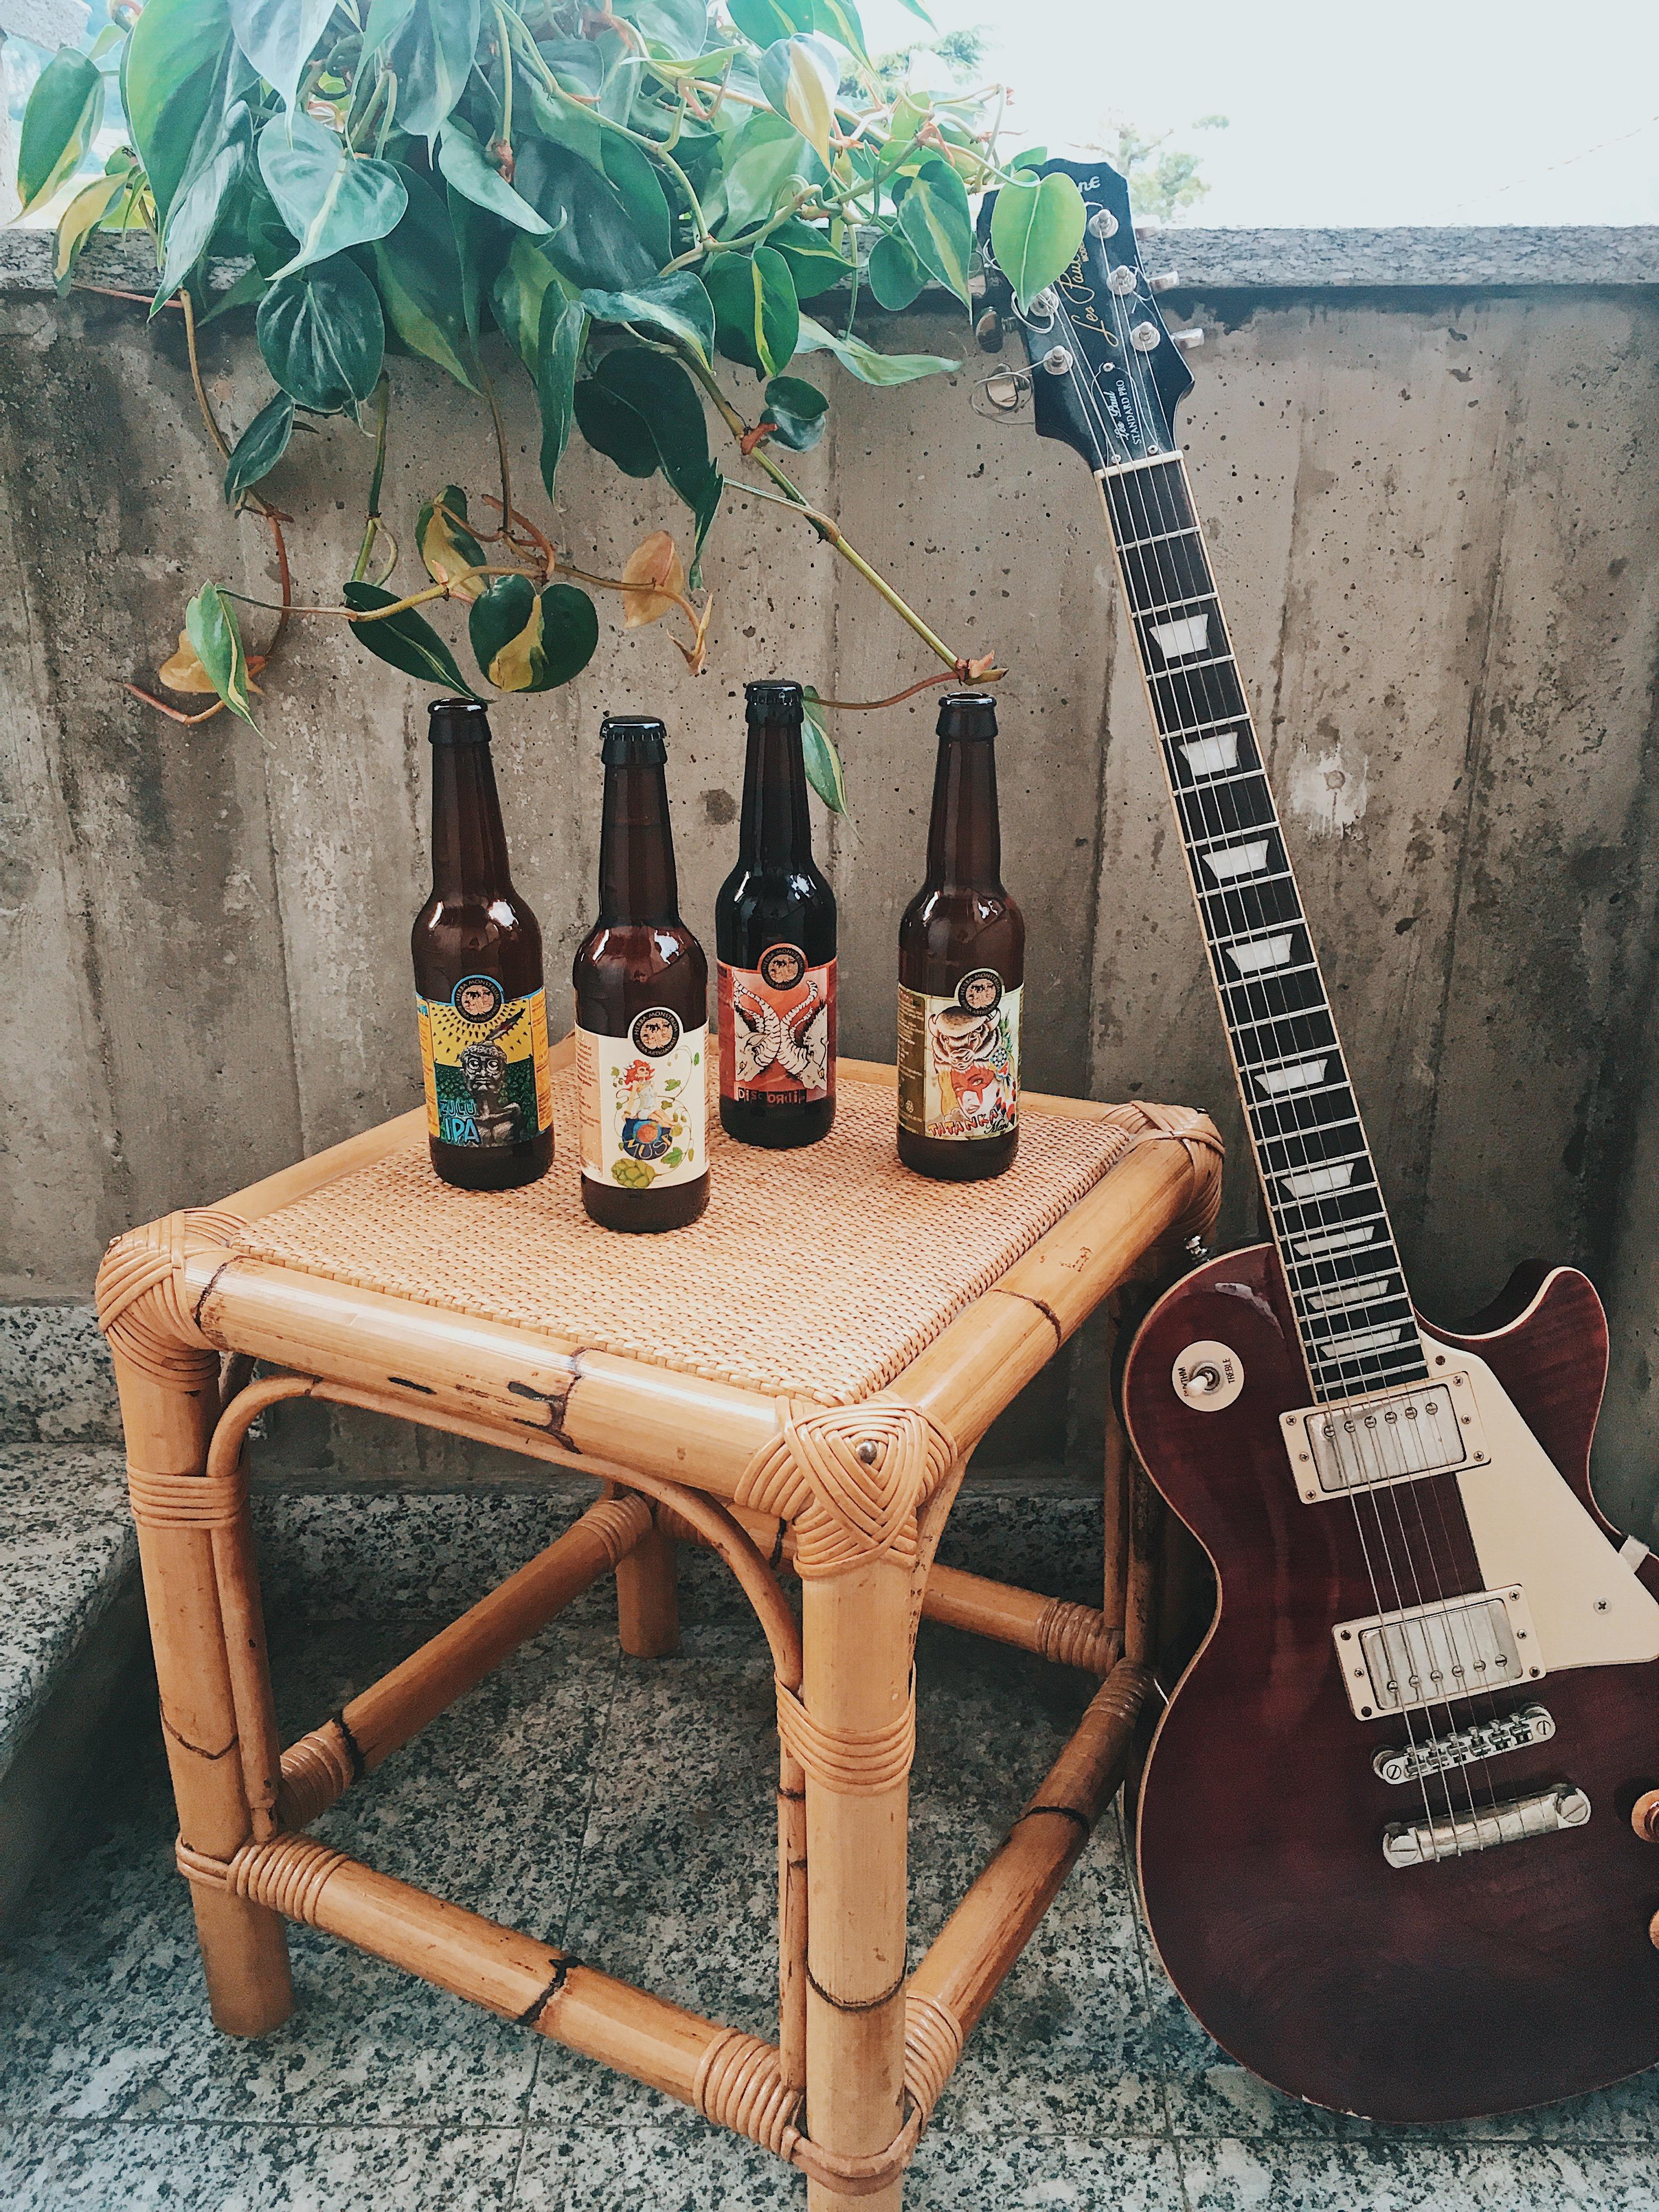 Rock in Fiera 2018 - Fiera di Castello, Lecco. Herba Monstrum Brewery, birre artigianali italiane.